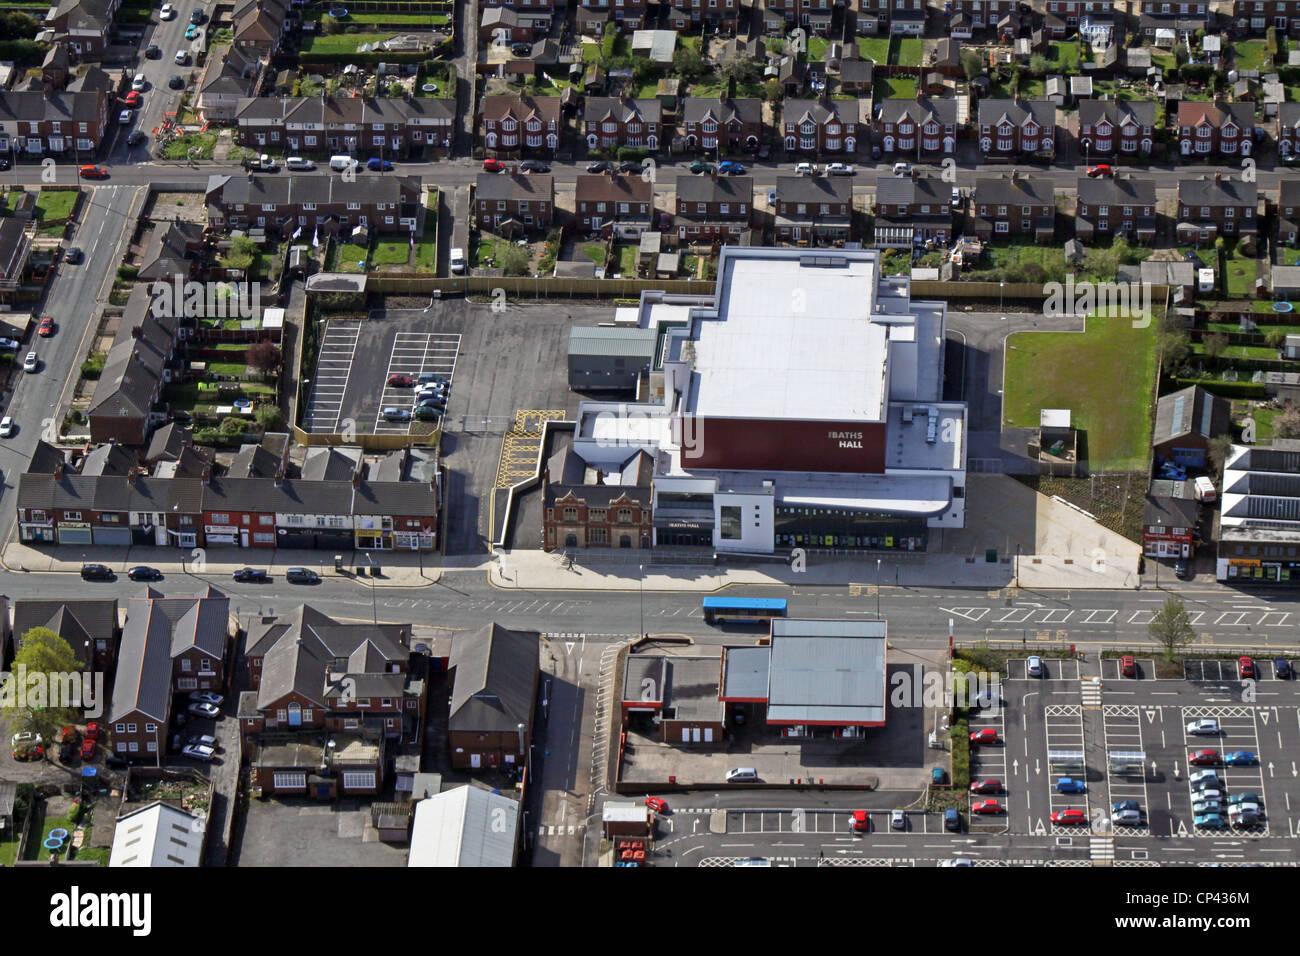 Vista aérea de los baños Hall de Entretenimiento, Scunthorpe Imagen De Stock